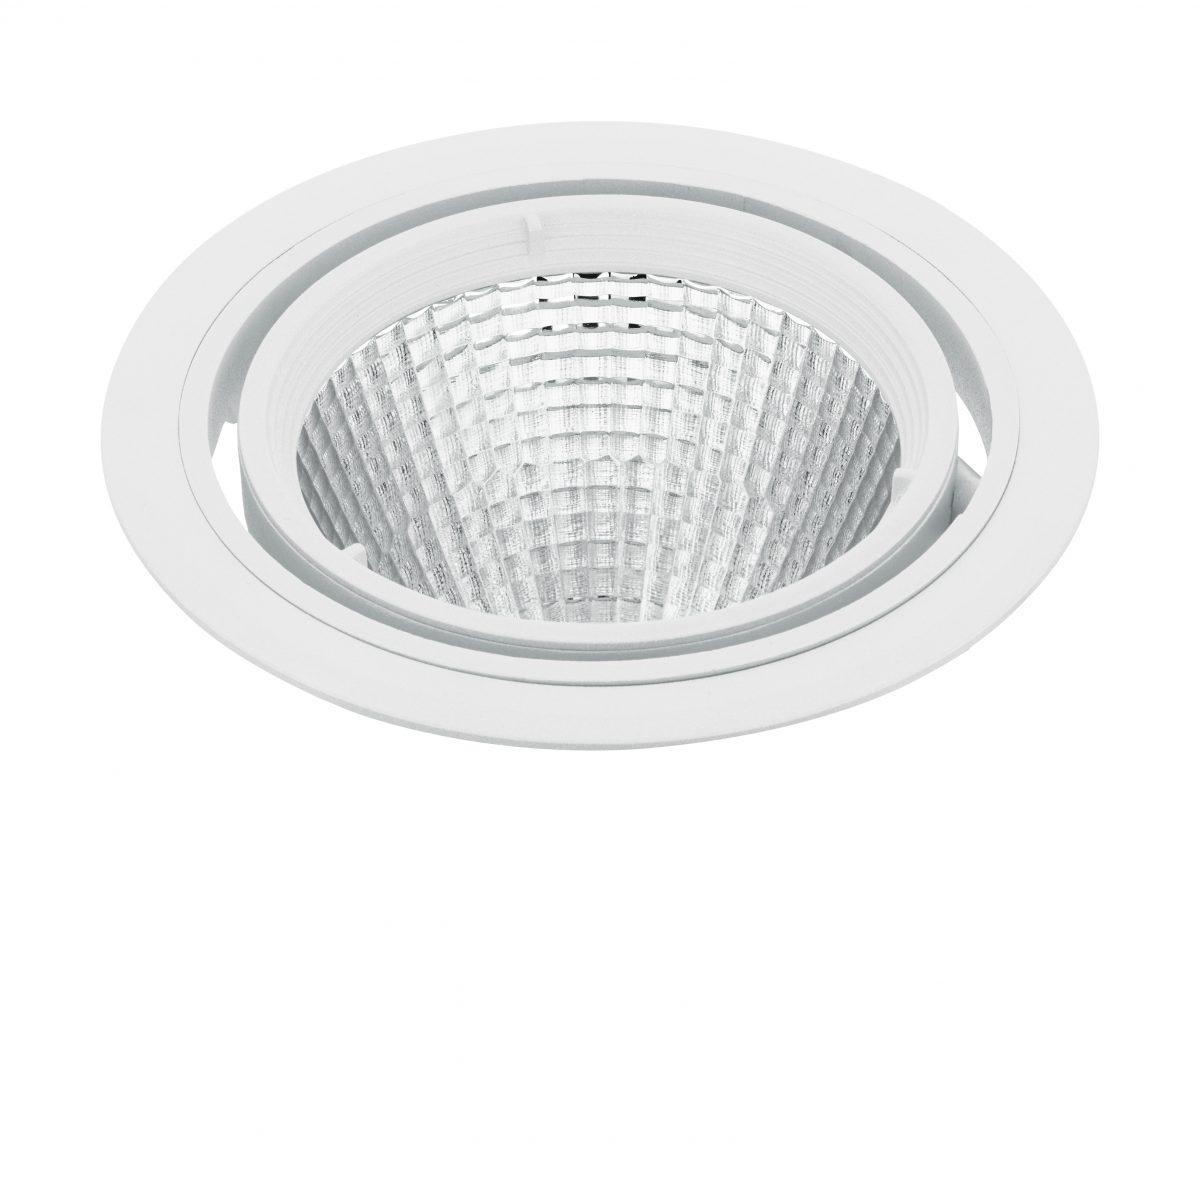 Светильник настенно-потолочный FERRONEGO IN/PROFES EGLO 61439 - Фото №28